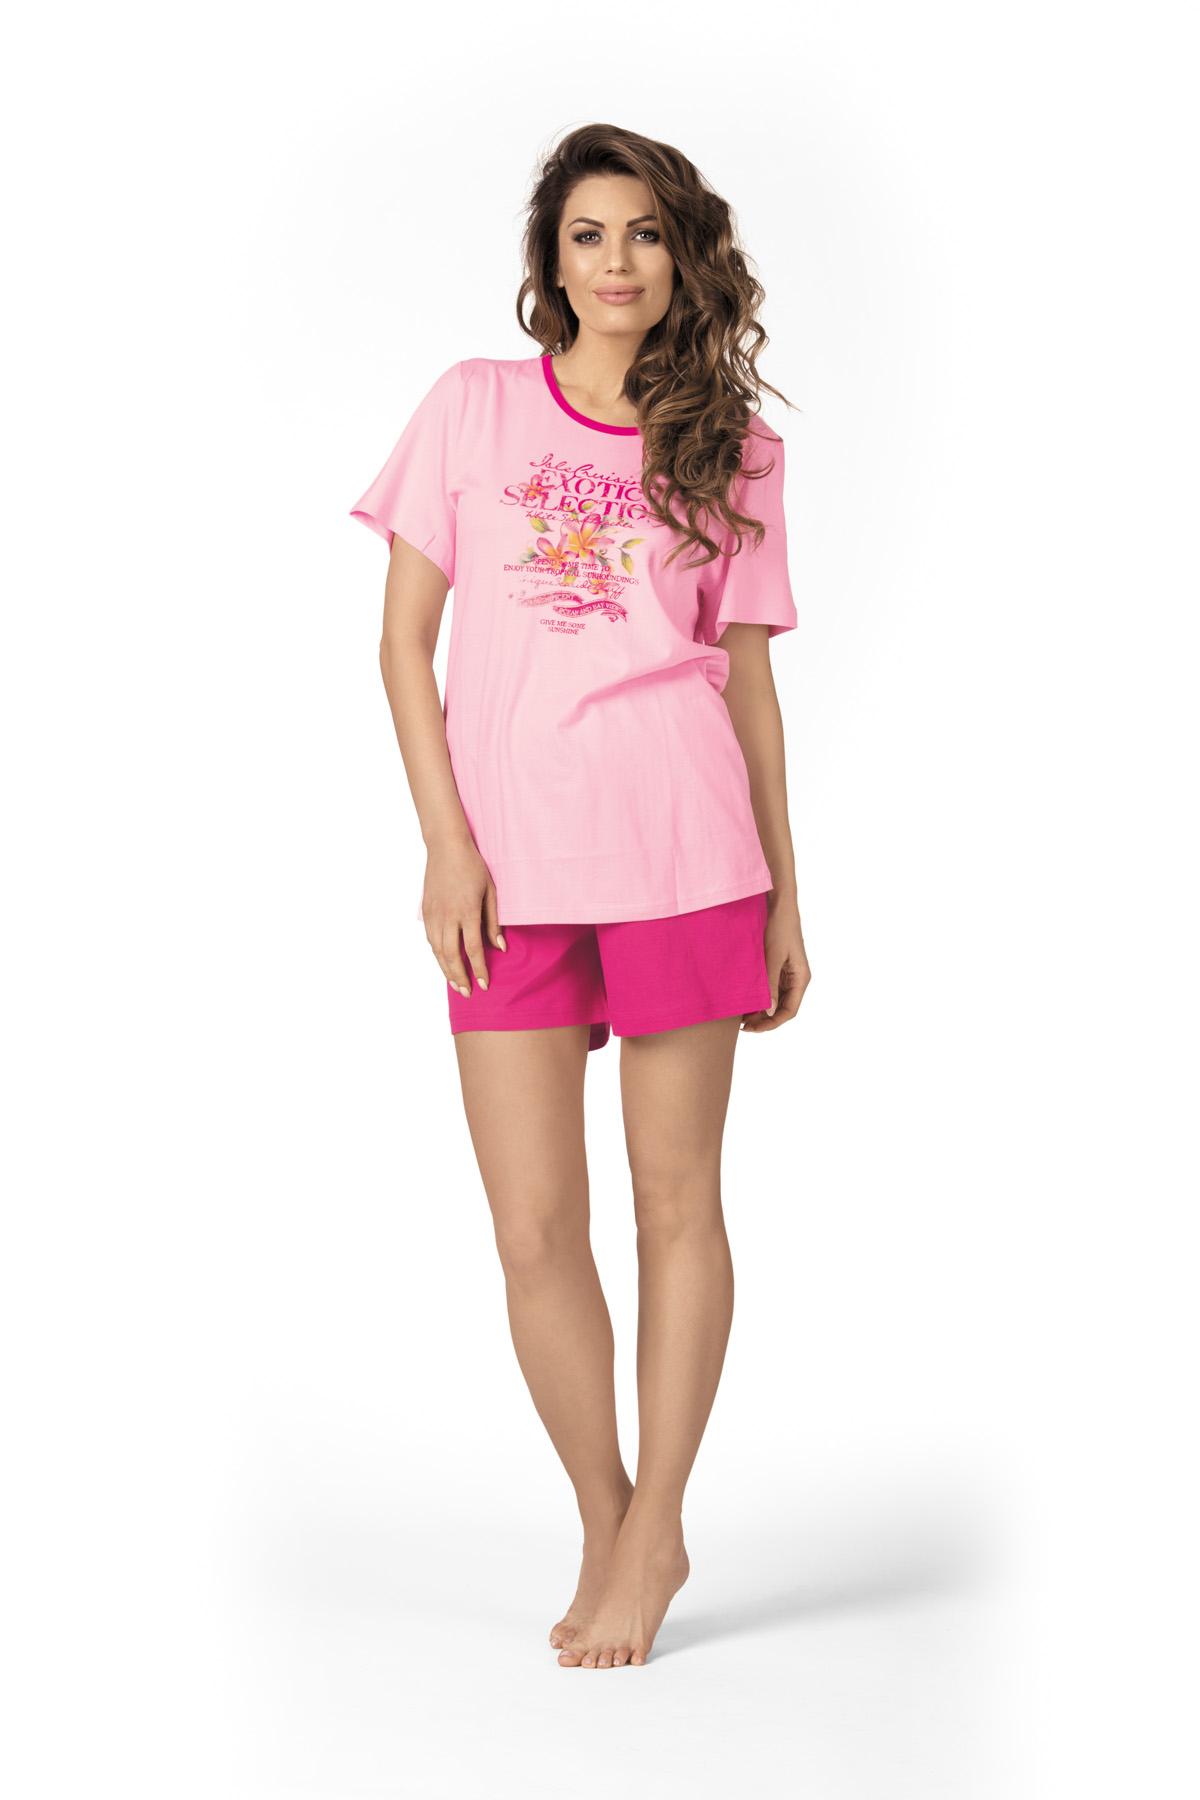 damen schlafanzug kurz pink und rosa mit aufdruck. Black Bedroom Furniture Sets. Home Design Ideas